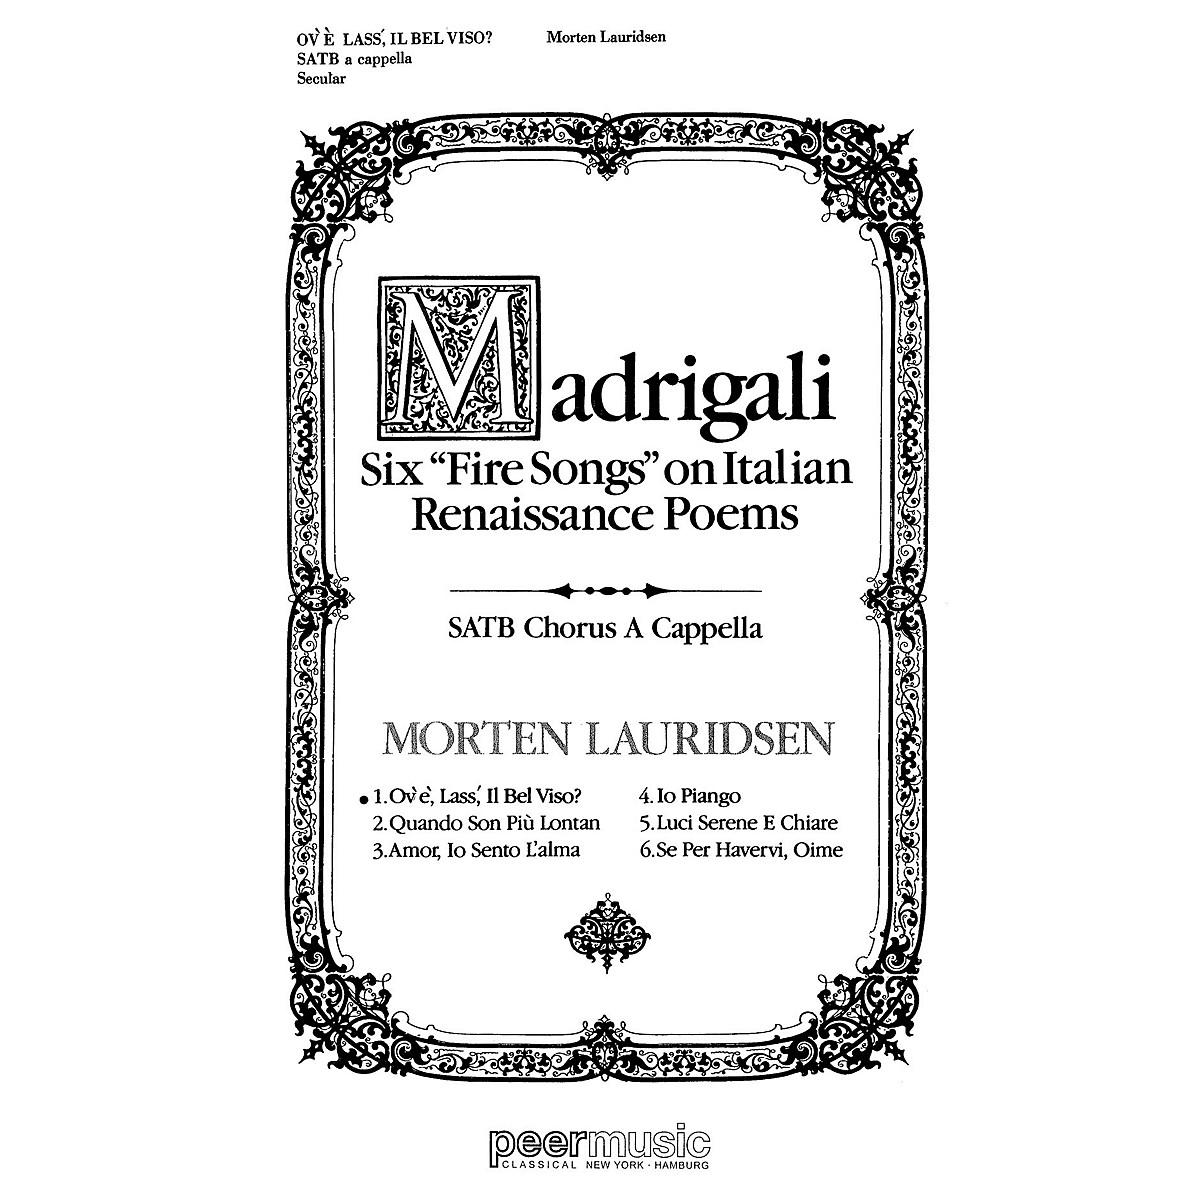 Peer Music Ov'e, Lass' Il Bel Viso? SATB a cappella Composed by Morten Lauridsen